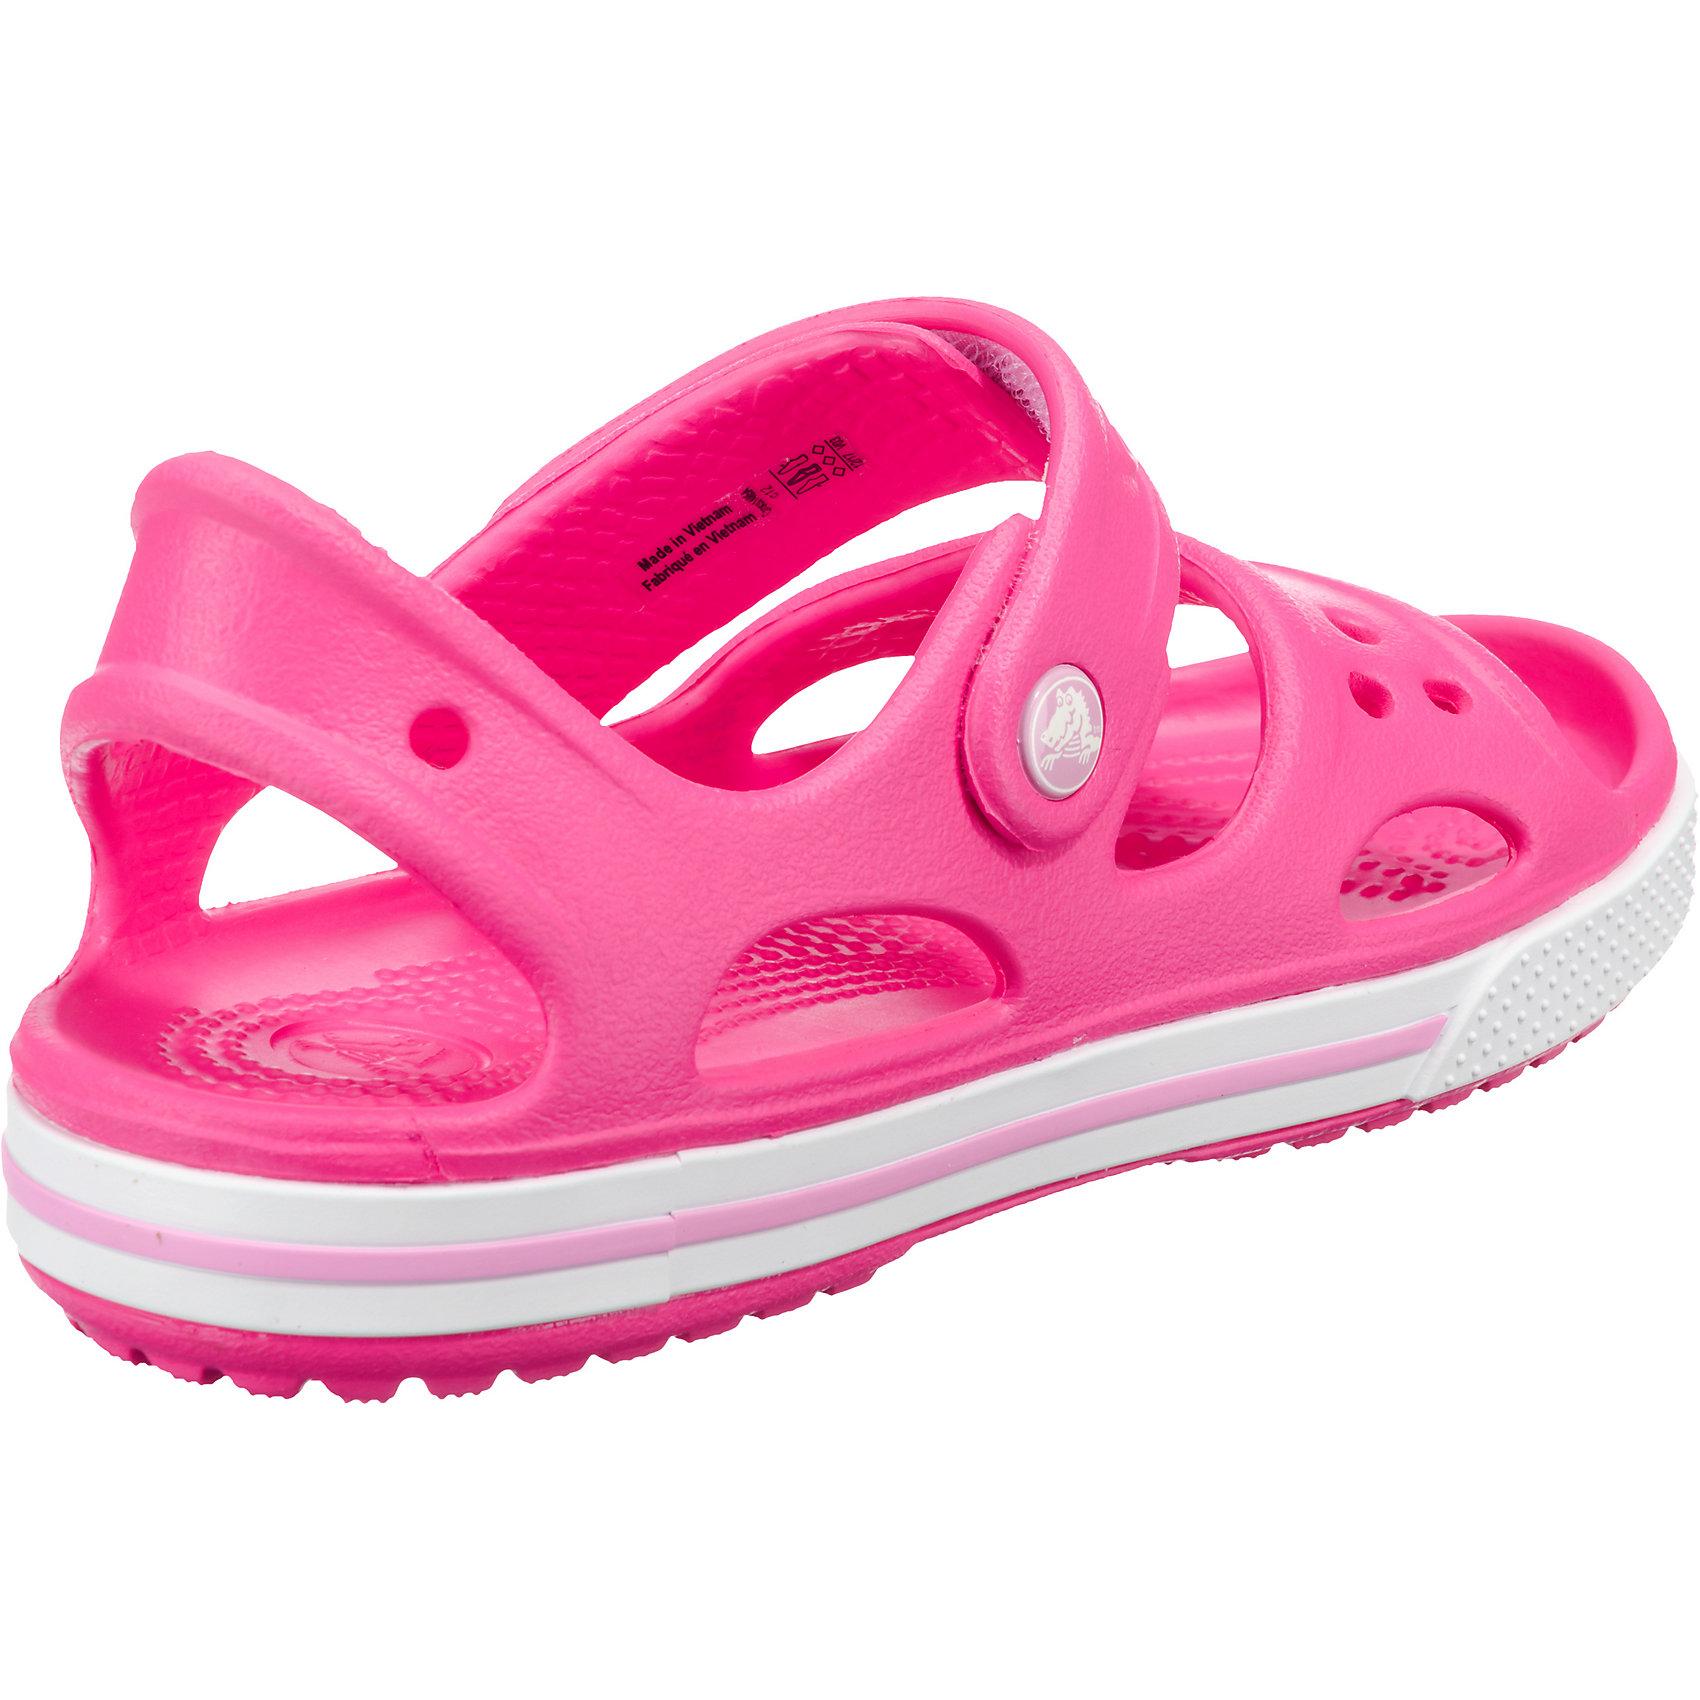 reputable site 9447c c5407 Mädchen Sandalen Crocband Pink Kinder Ii 7200482 Für Neu ...